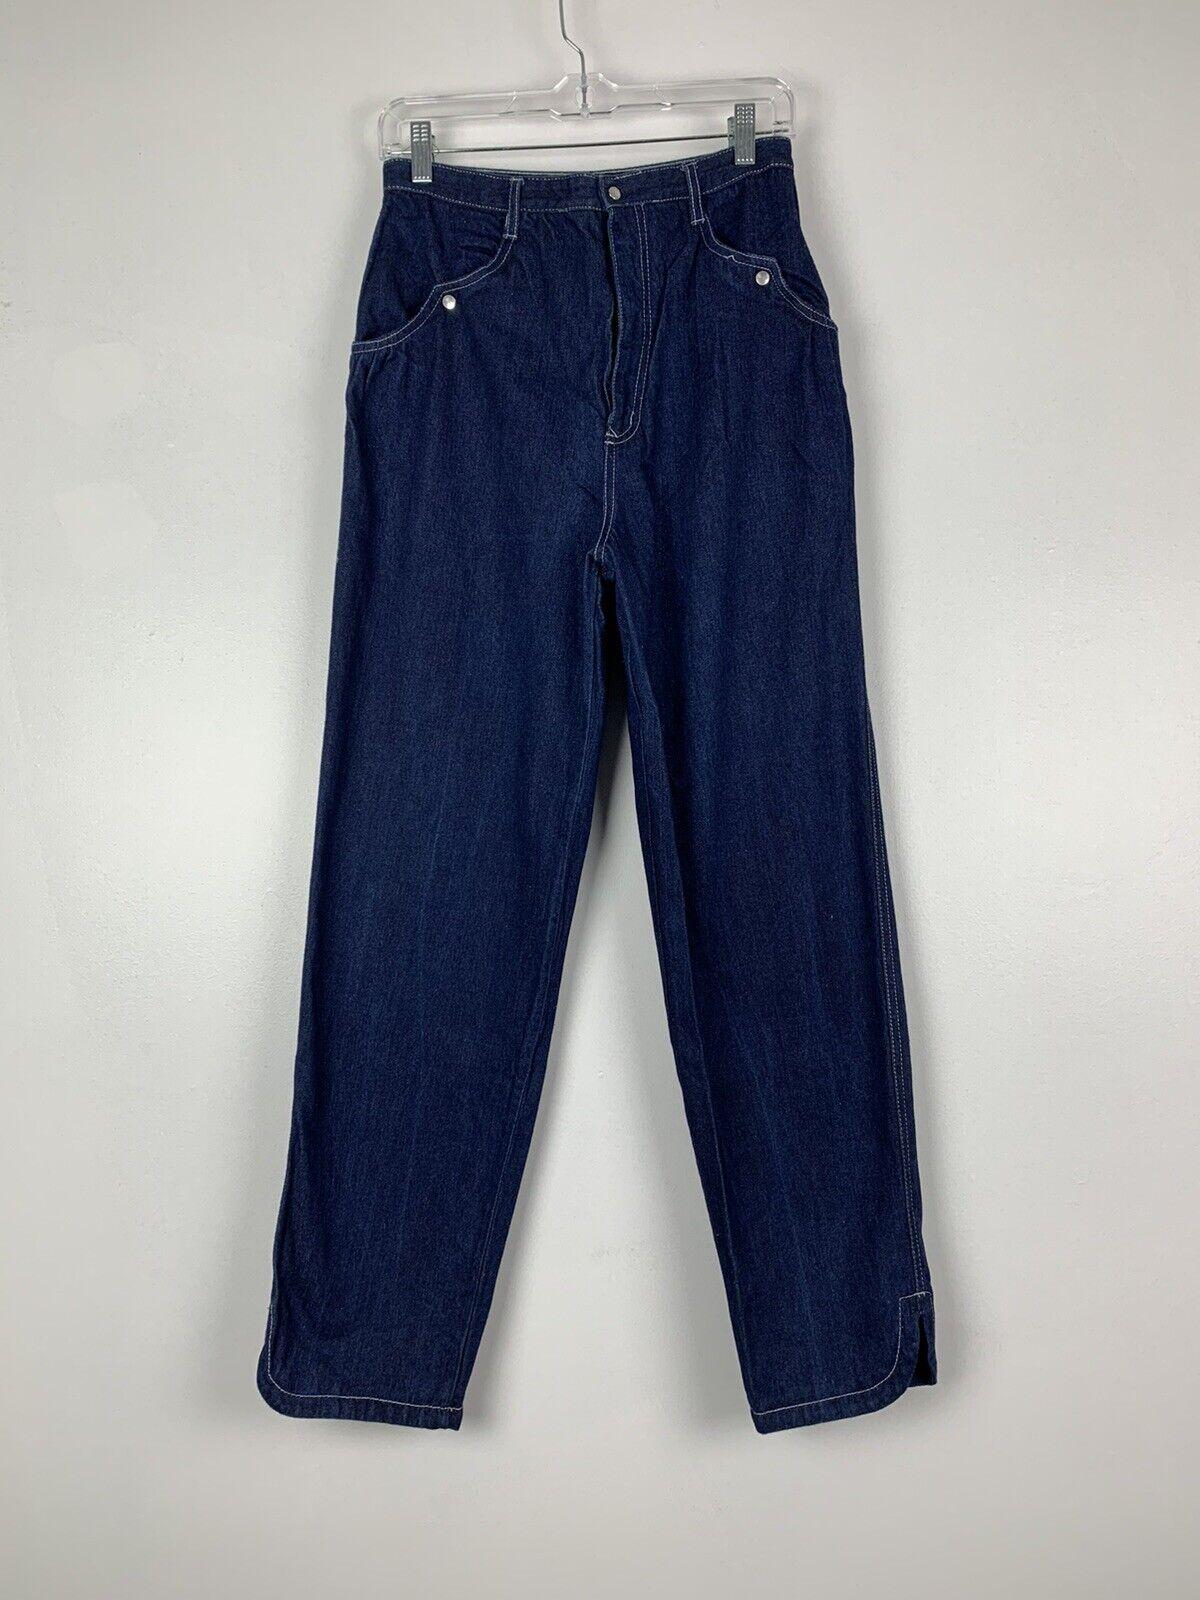 Vintage Women's N'Est-Ce Pas? Jeans 28.5 x 40 100… - image 12